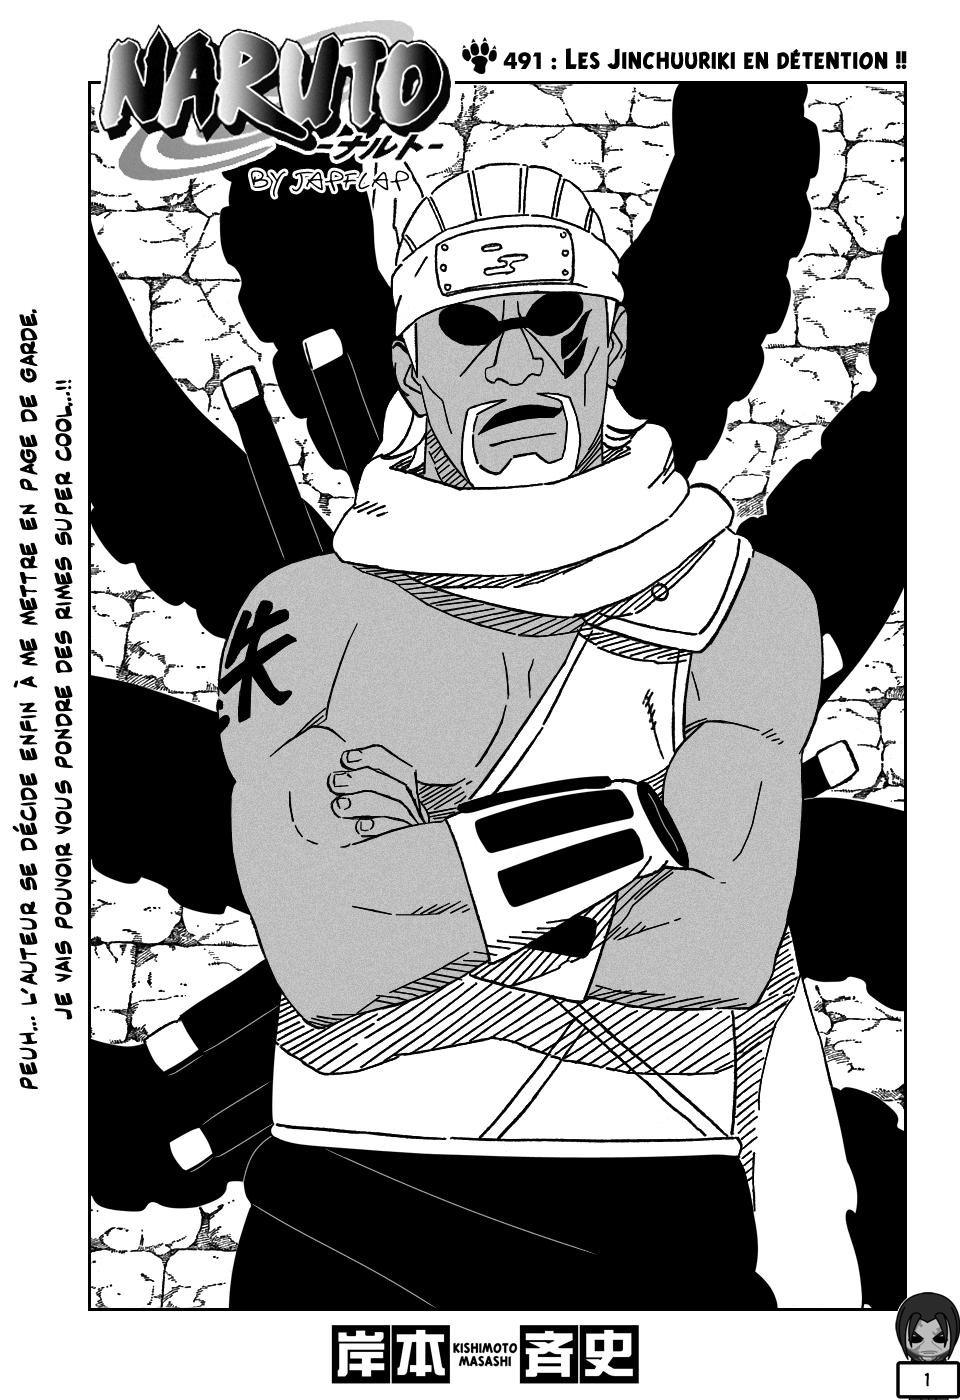 Naruto chapitre 491 - Page 1